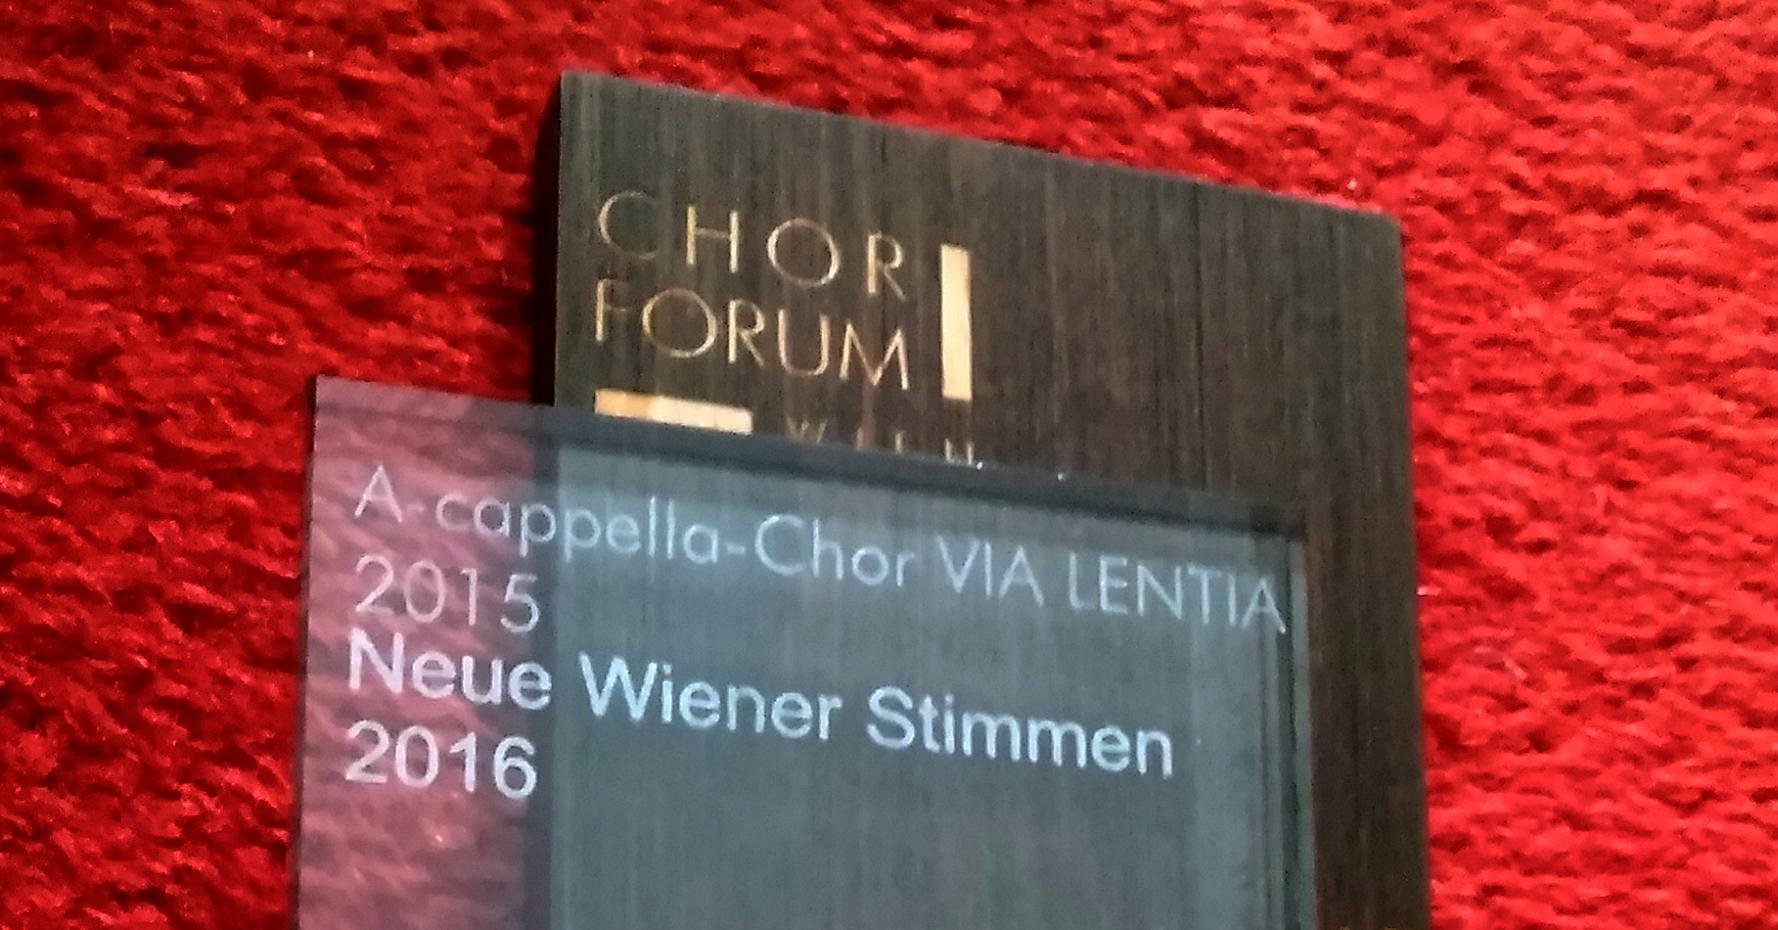 NEUE WIENER STIMMEN – Chor des Jahres 2016!